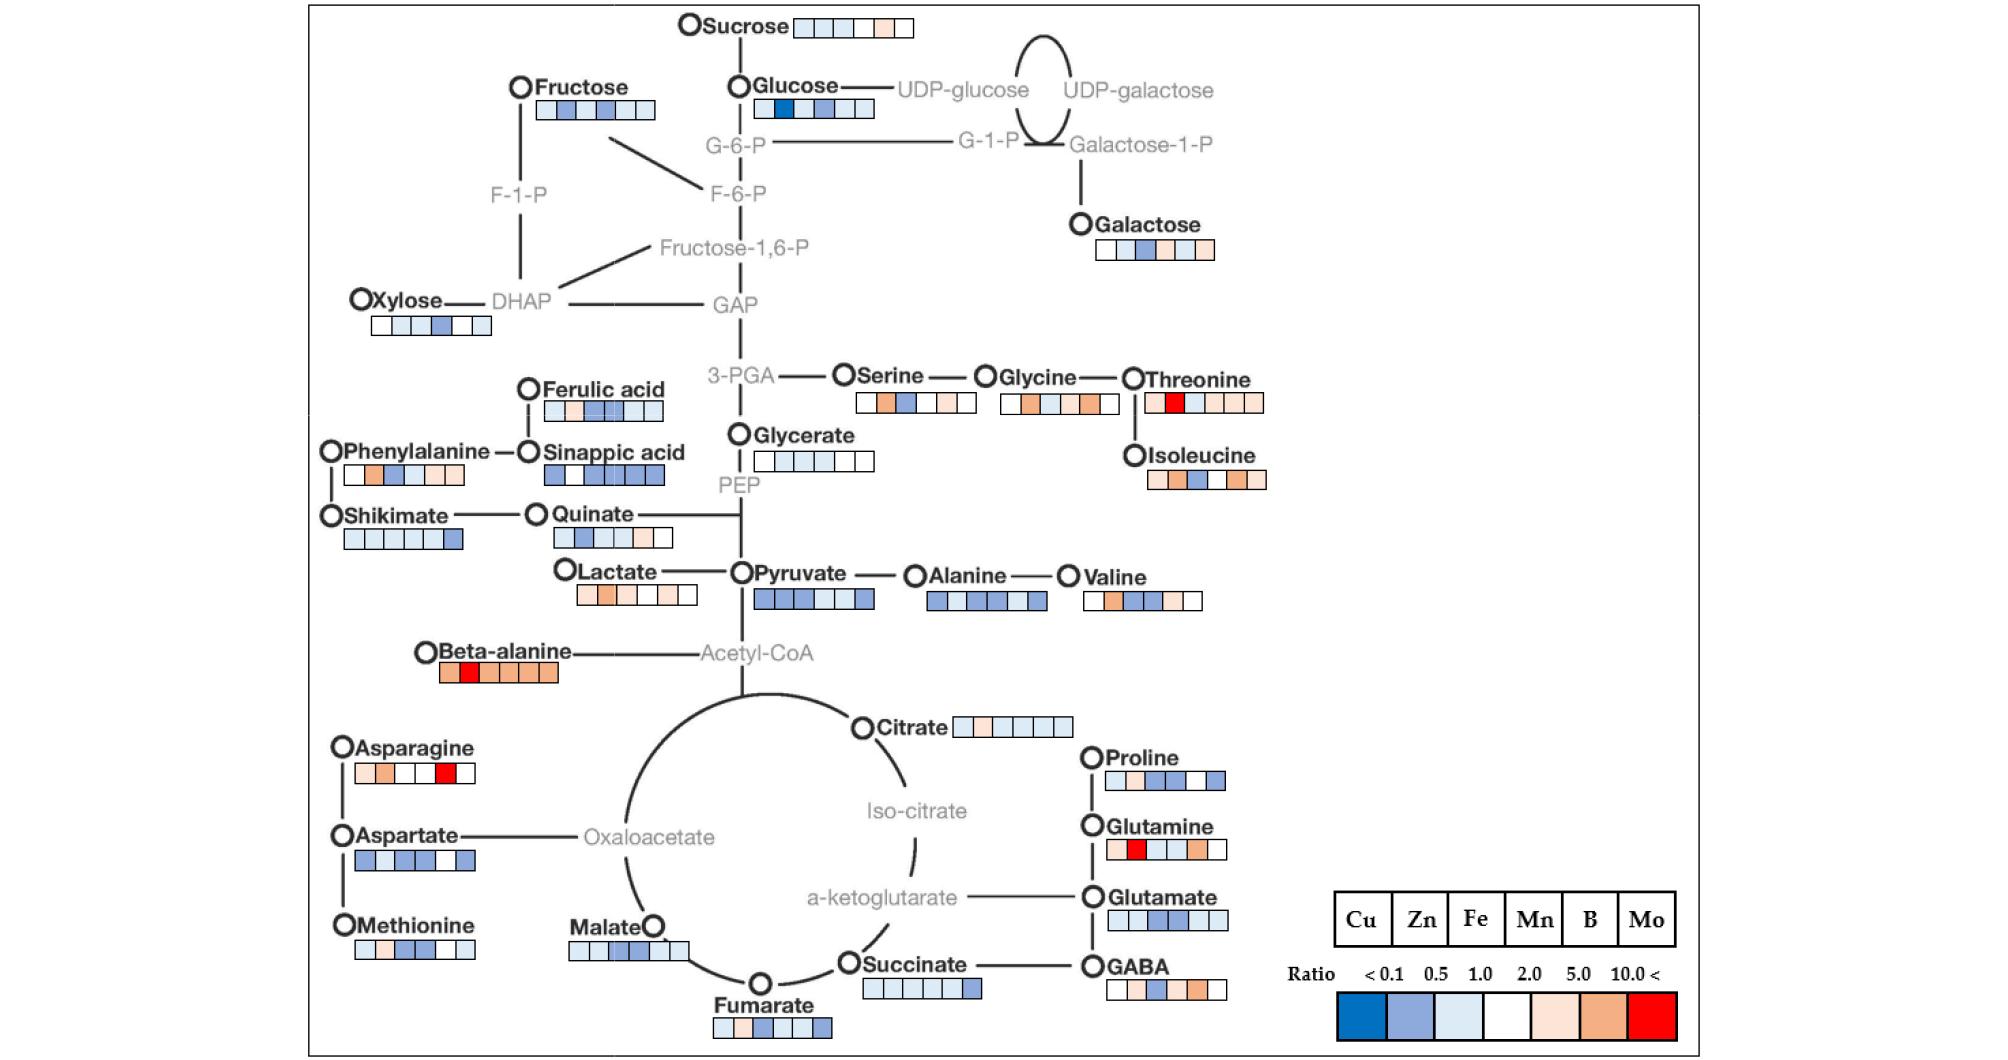 http://static.apub.kr/journalsite/sites/ksssf/2020-053-03/N0230530312/images/ksssf_53_03_12_F5.jpg